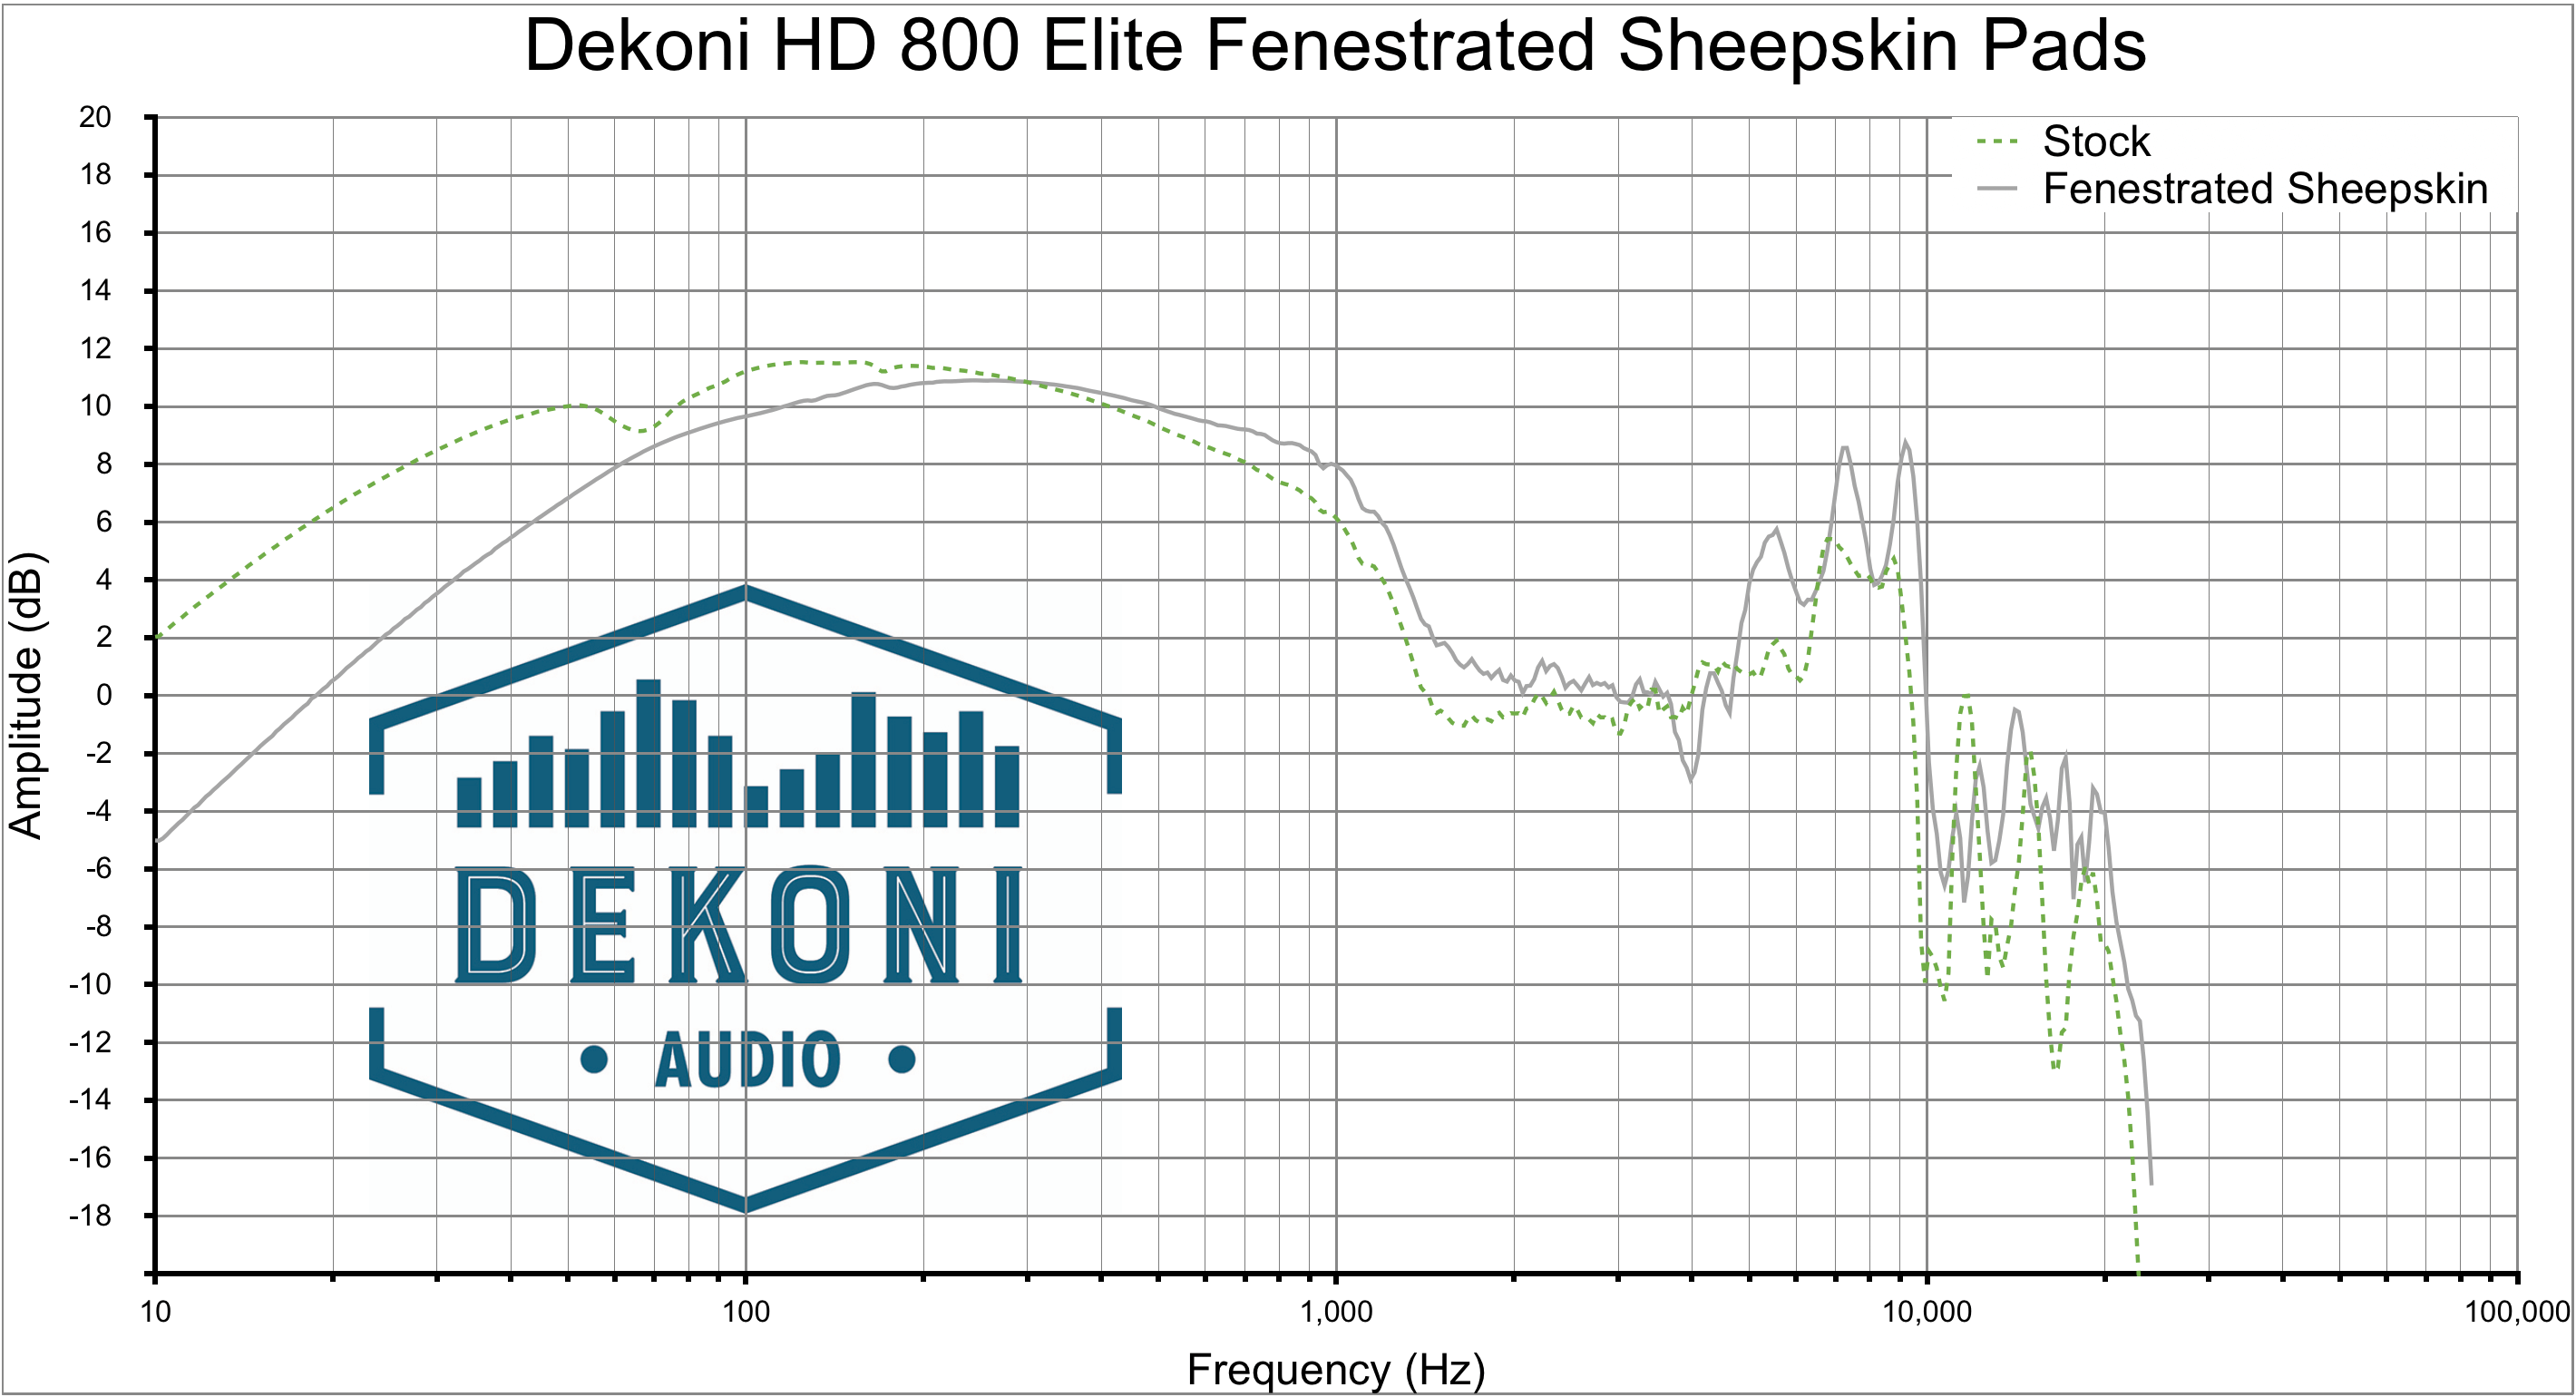 Dekoni HD 800 FnSk